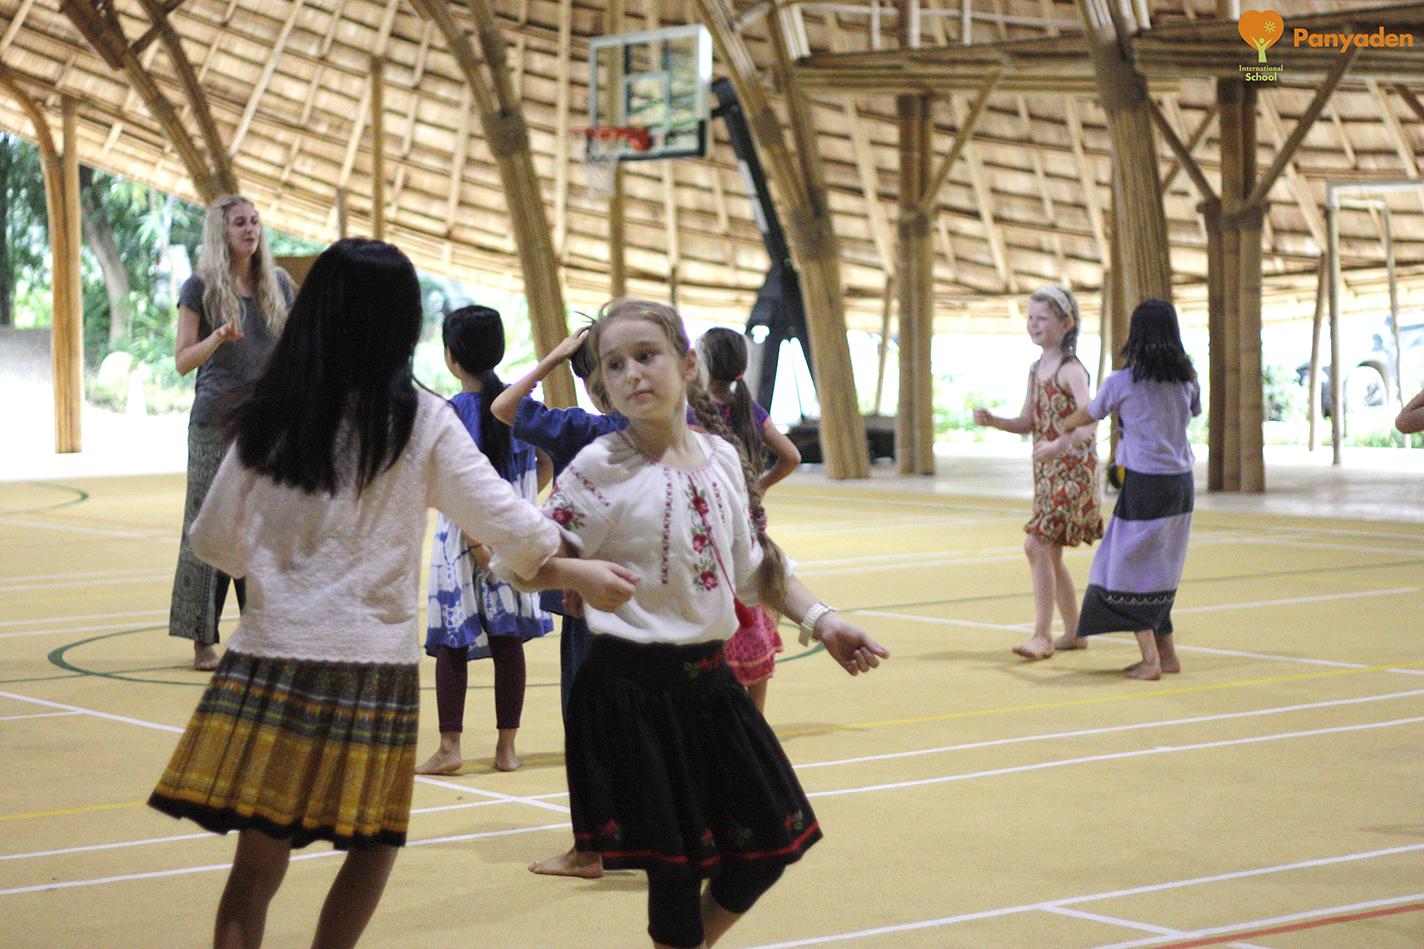 Panyaden Youth Theatre students rehearsing Mary Poppins